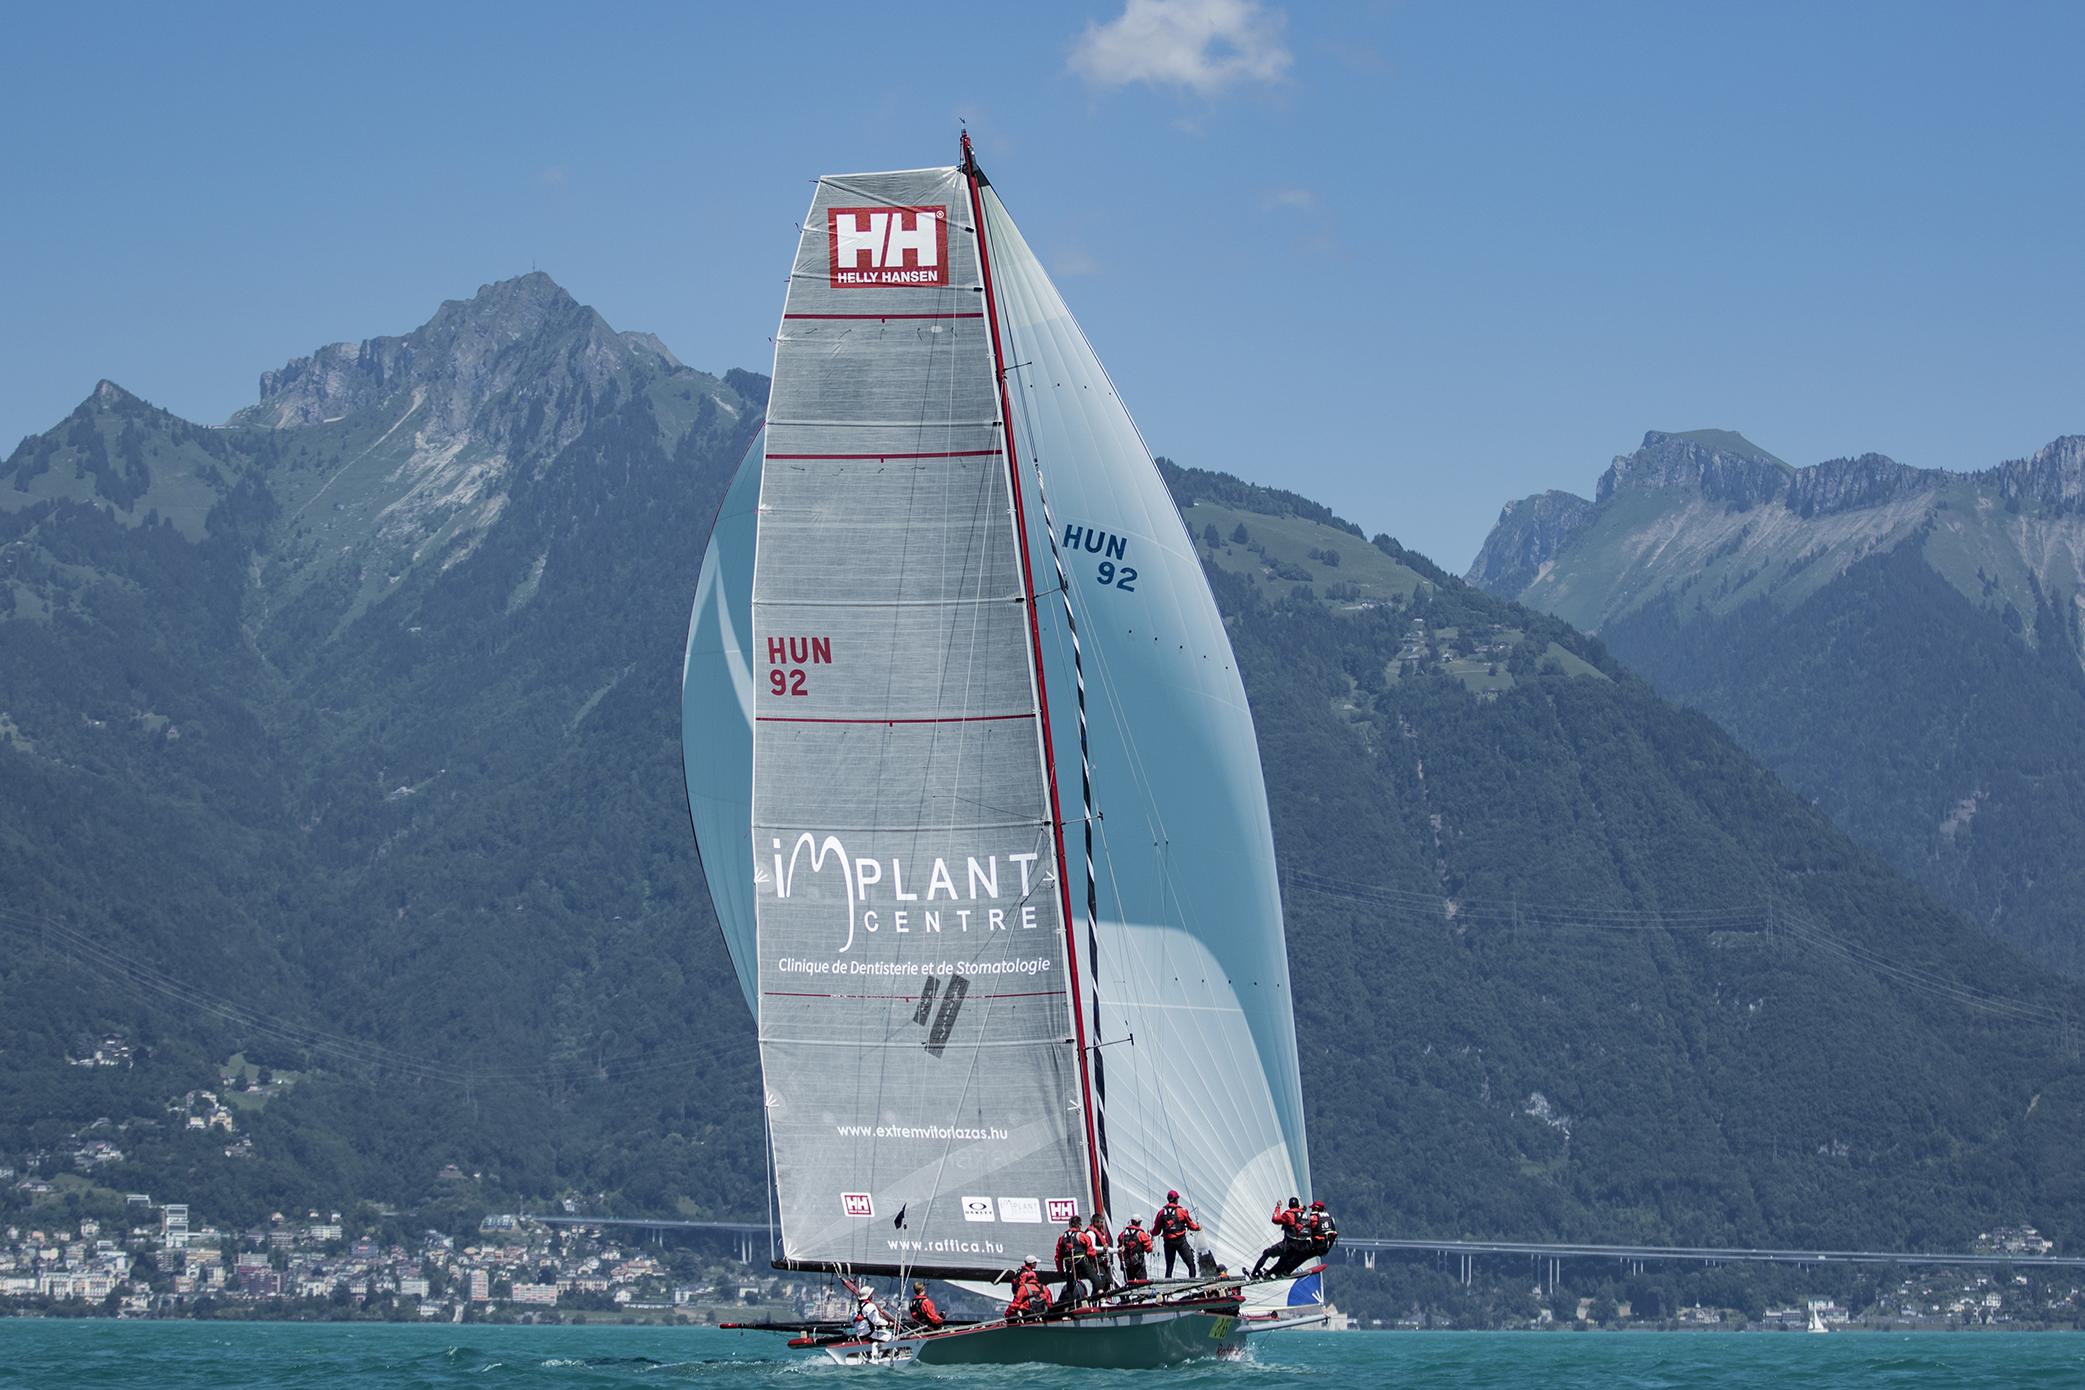 Raffica-Bol-Dor-Mirabaud-Genf-Svajc-Vitorlazas-Sailing-HAJOZASHU8